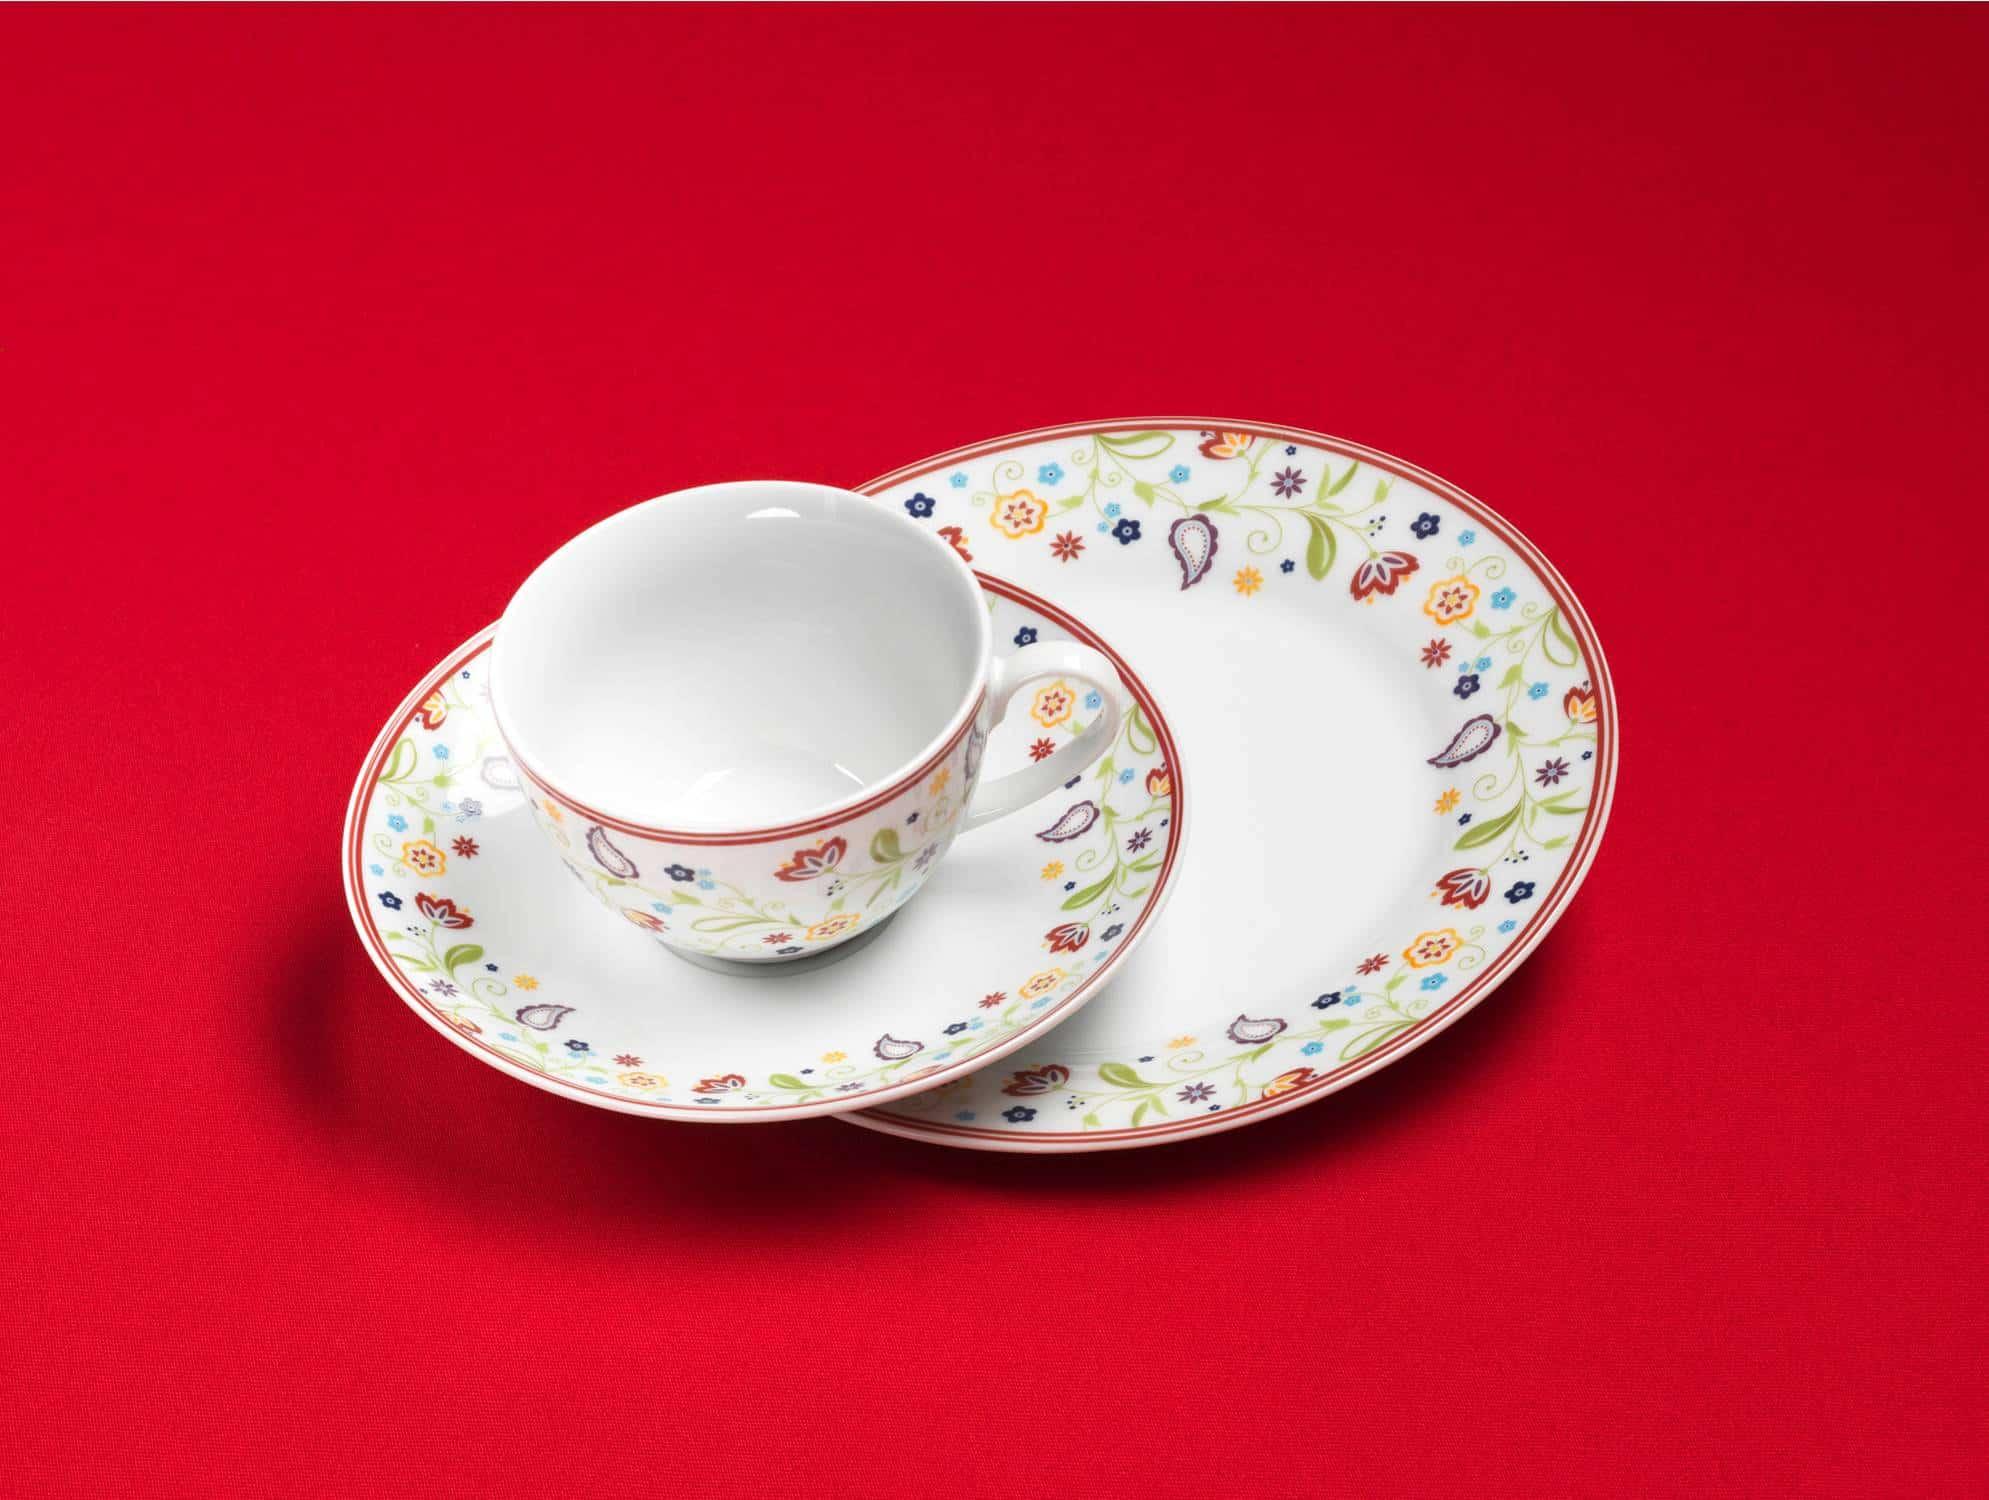 Ritzenhoff Porzellan Kaffeeservice Serie Doppio Shanti 18 Tlg Neu